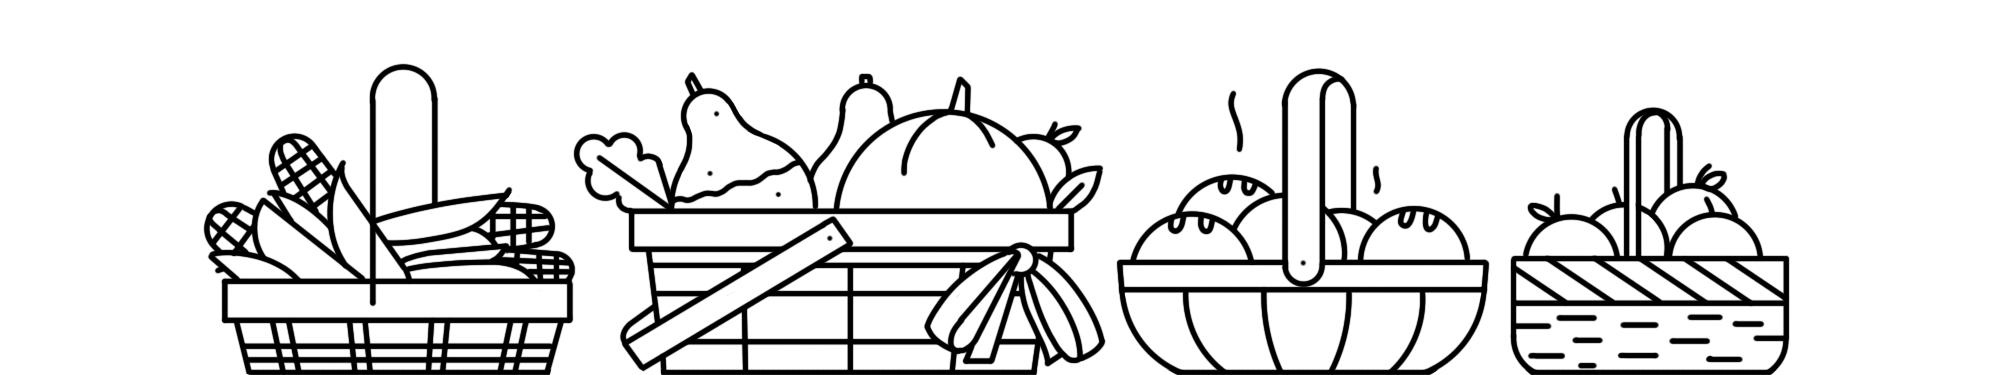 Sketches__megan_v02_c.png